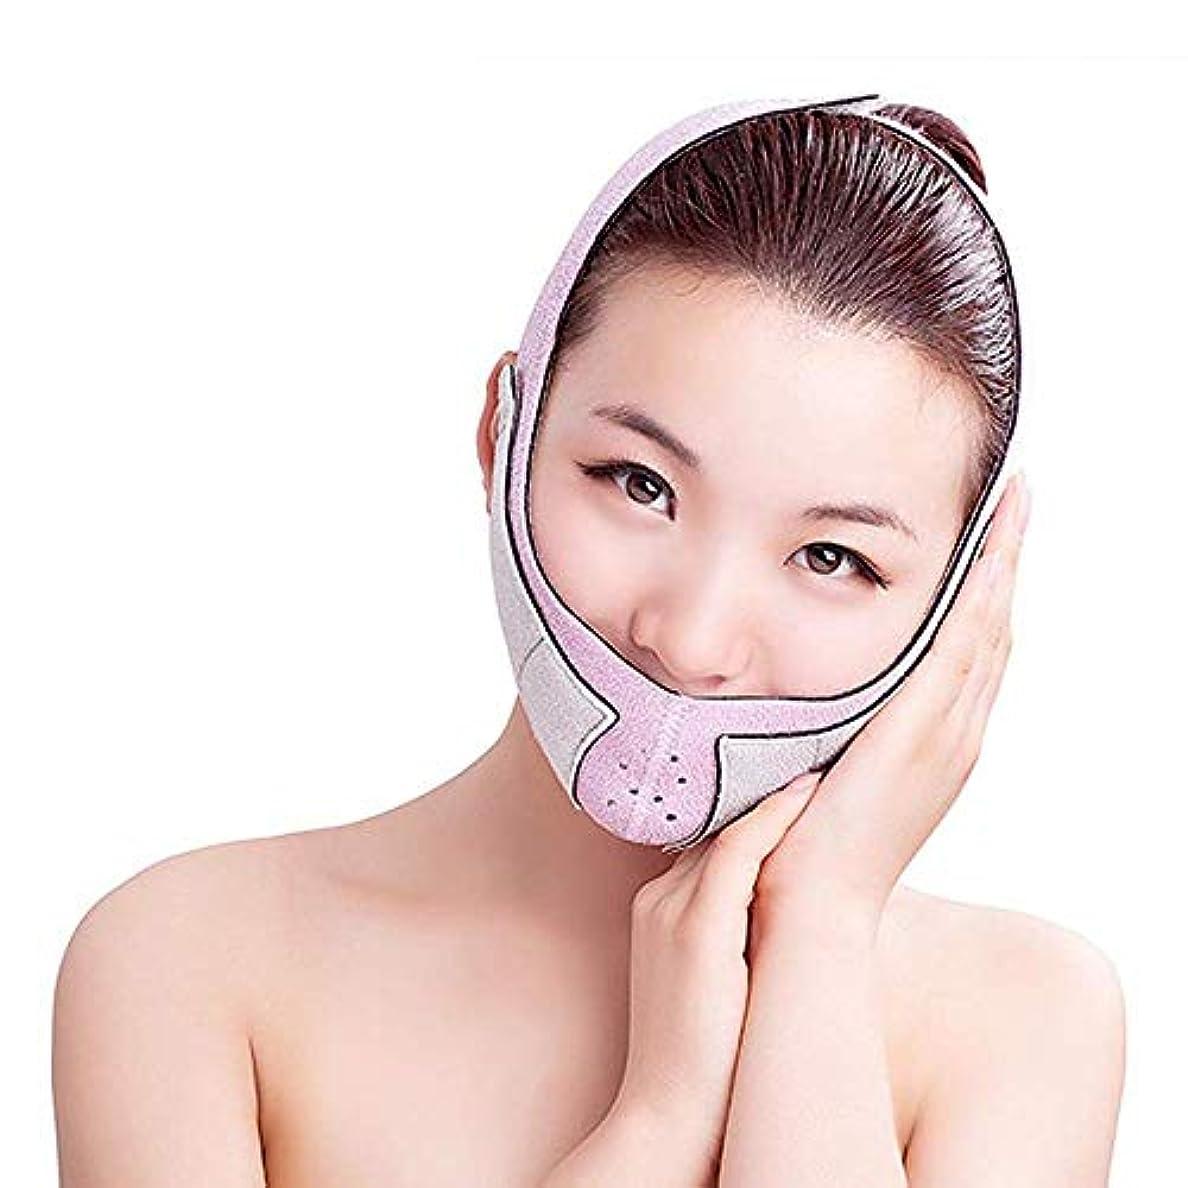 練習したアコードそれに応じて薄い顔ベルト薄い顔ベルト通気性の補正3D薄い顔V顔ベルト包帯薄い顔アーティファクト (色 : B)